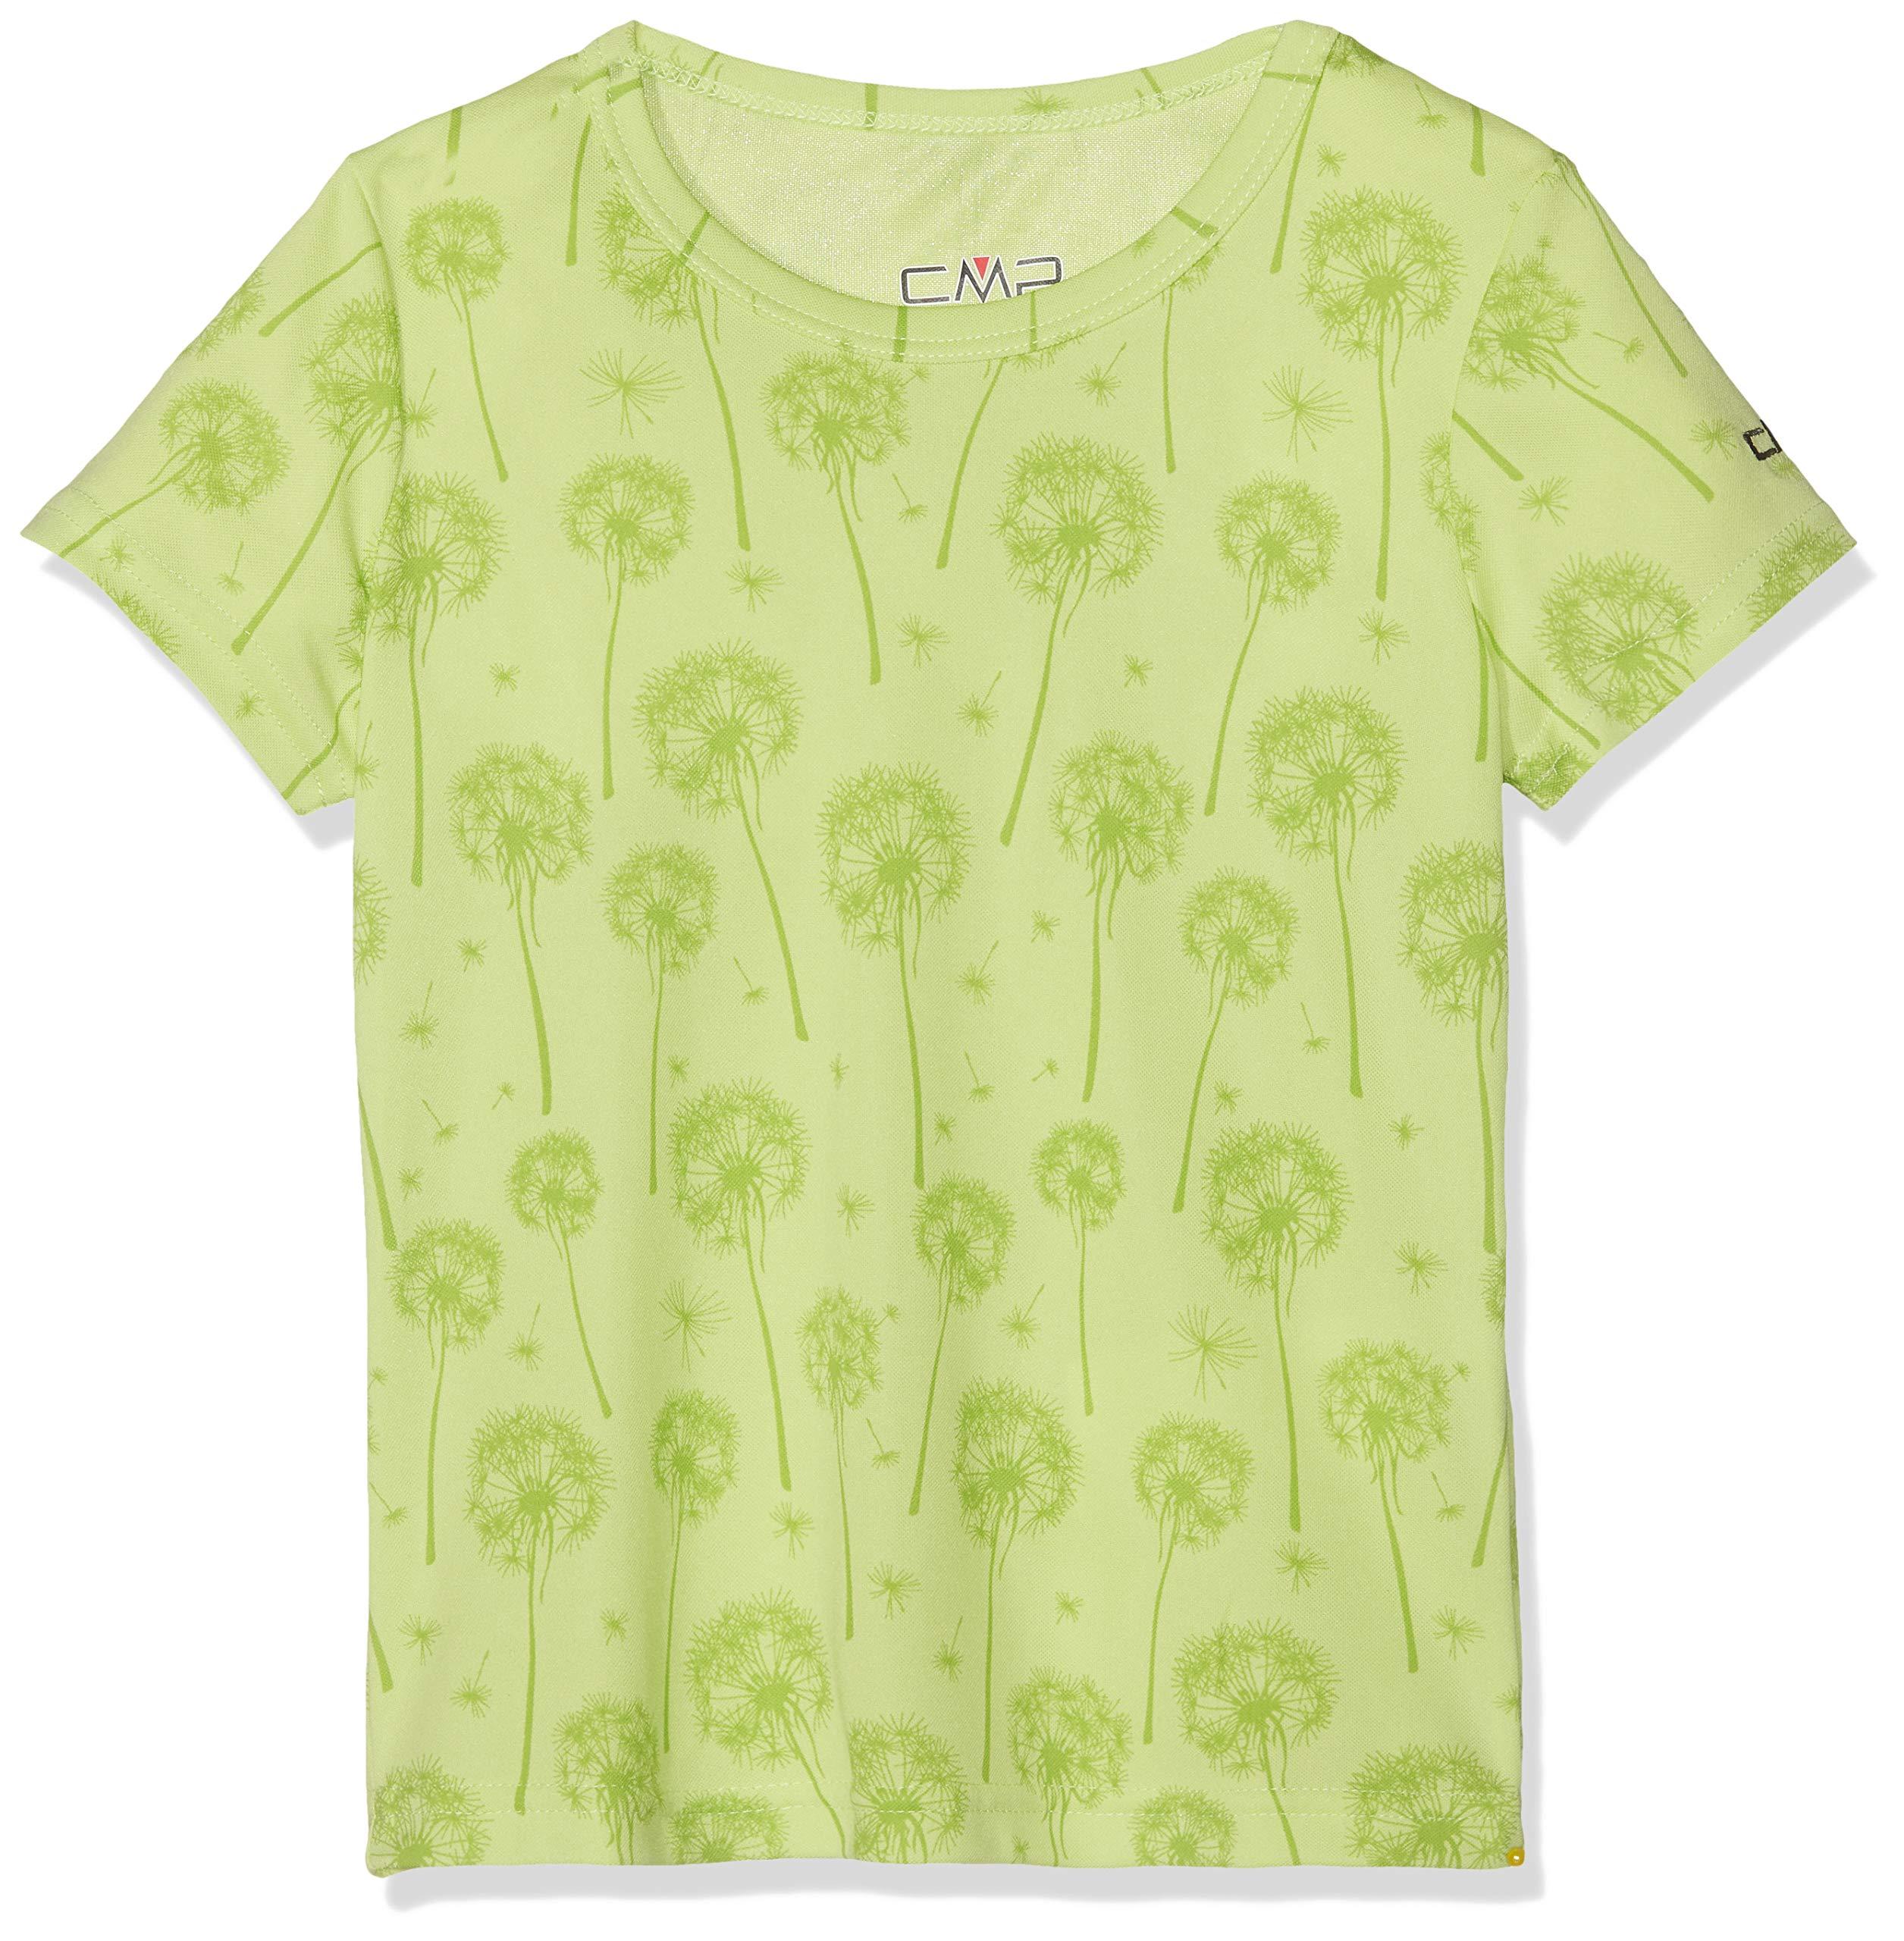 CMP Mädchen T-Shirt, Bamboo, 116